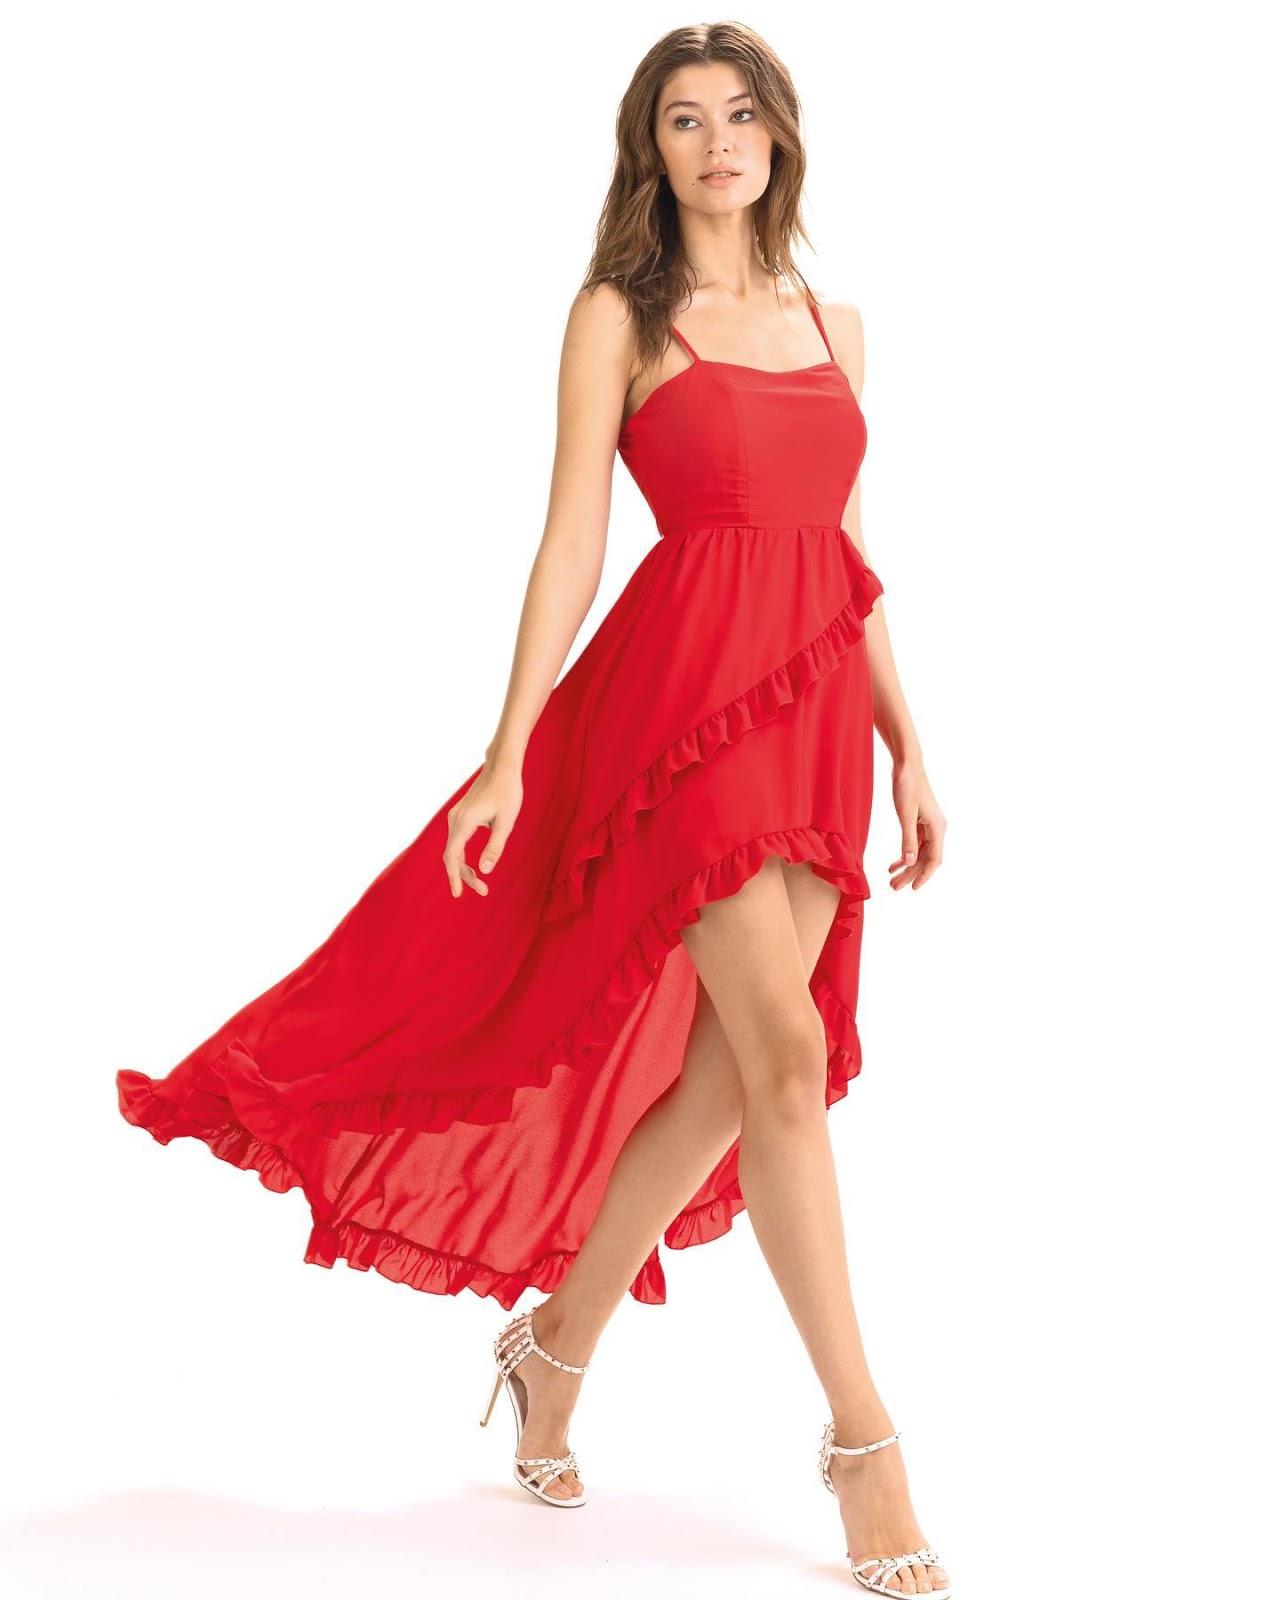 E' tempo di matrimoni: io trovo i vestiti da cerimonia più belli su Goccia.clothing